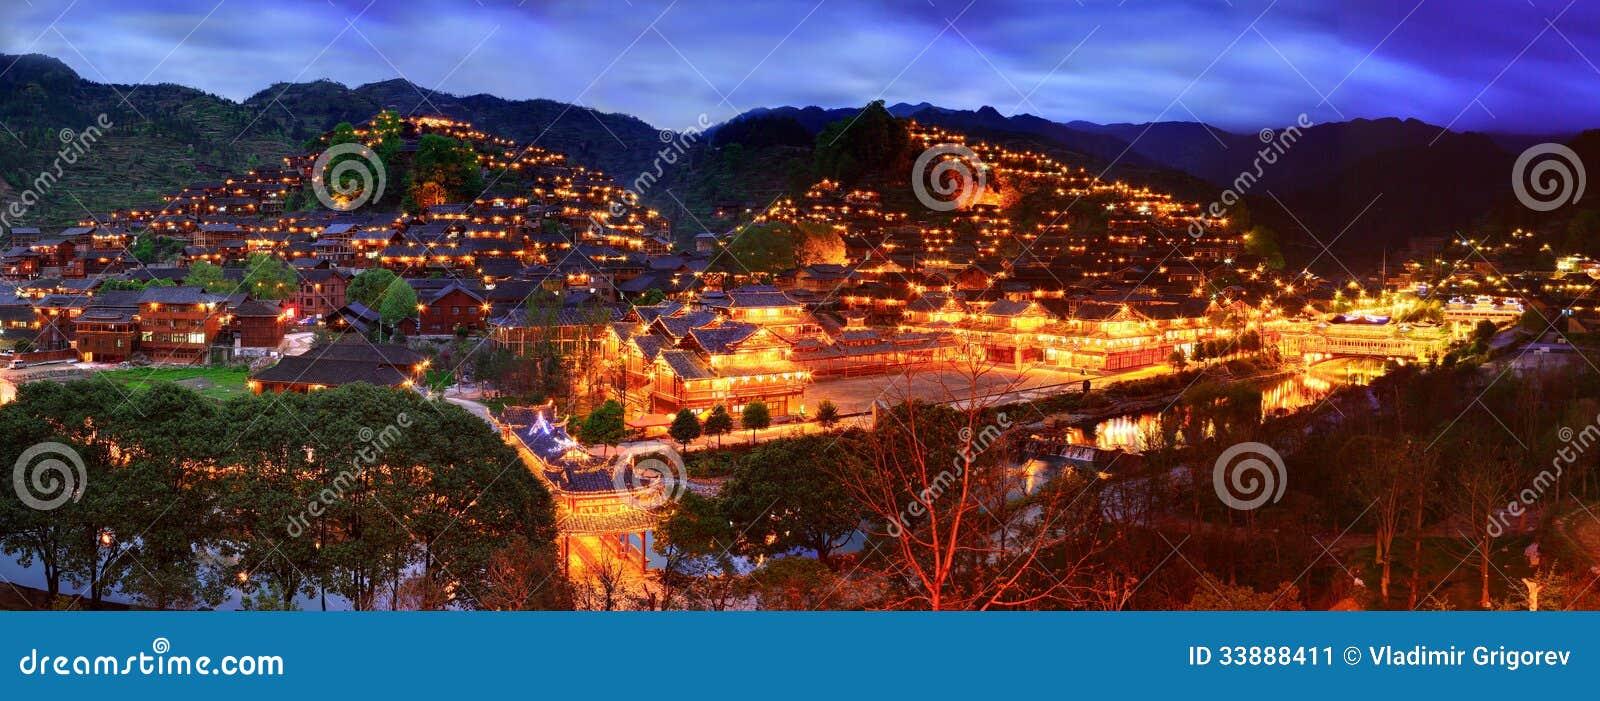 Vue de nuit du grand village ethnique dans le sud-ouest Chine.